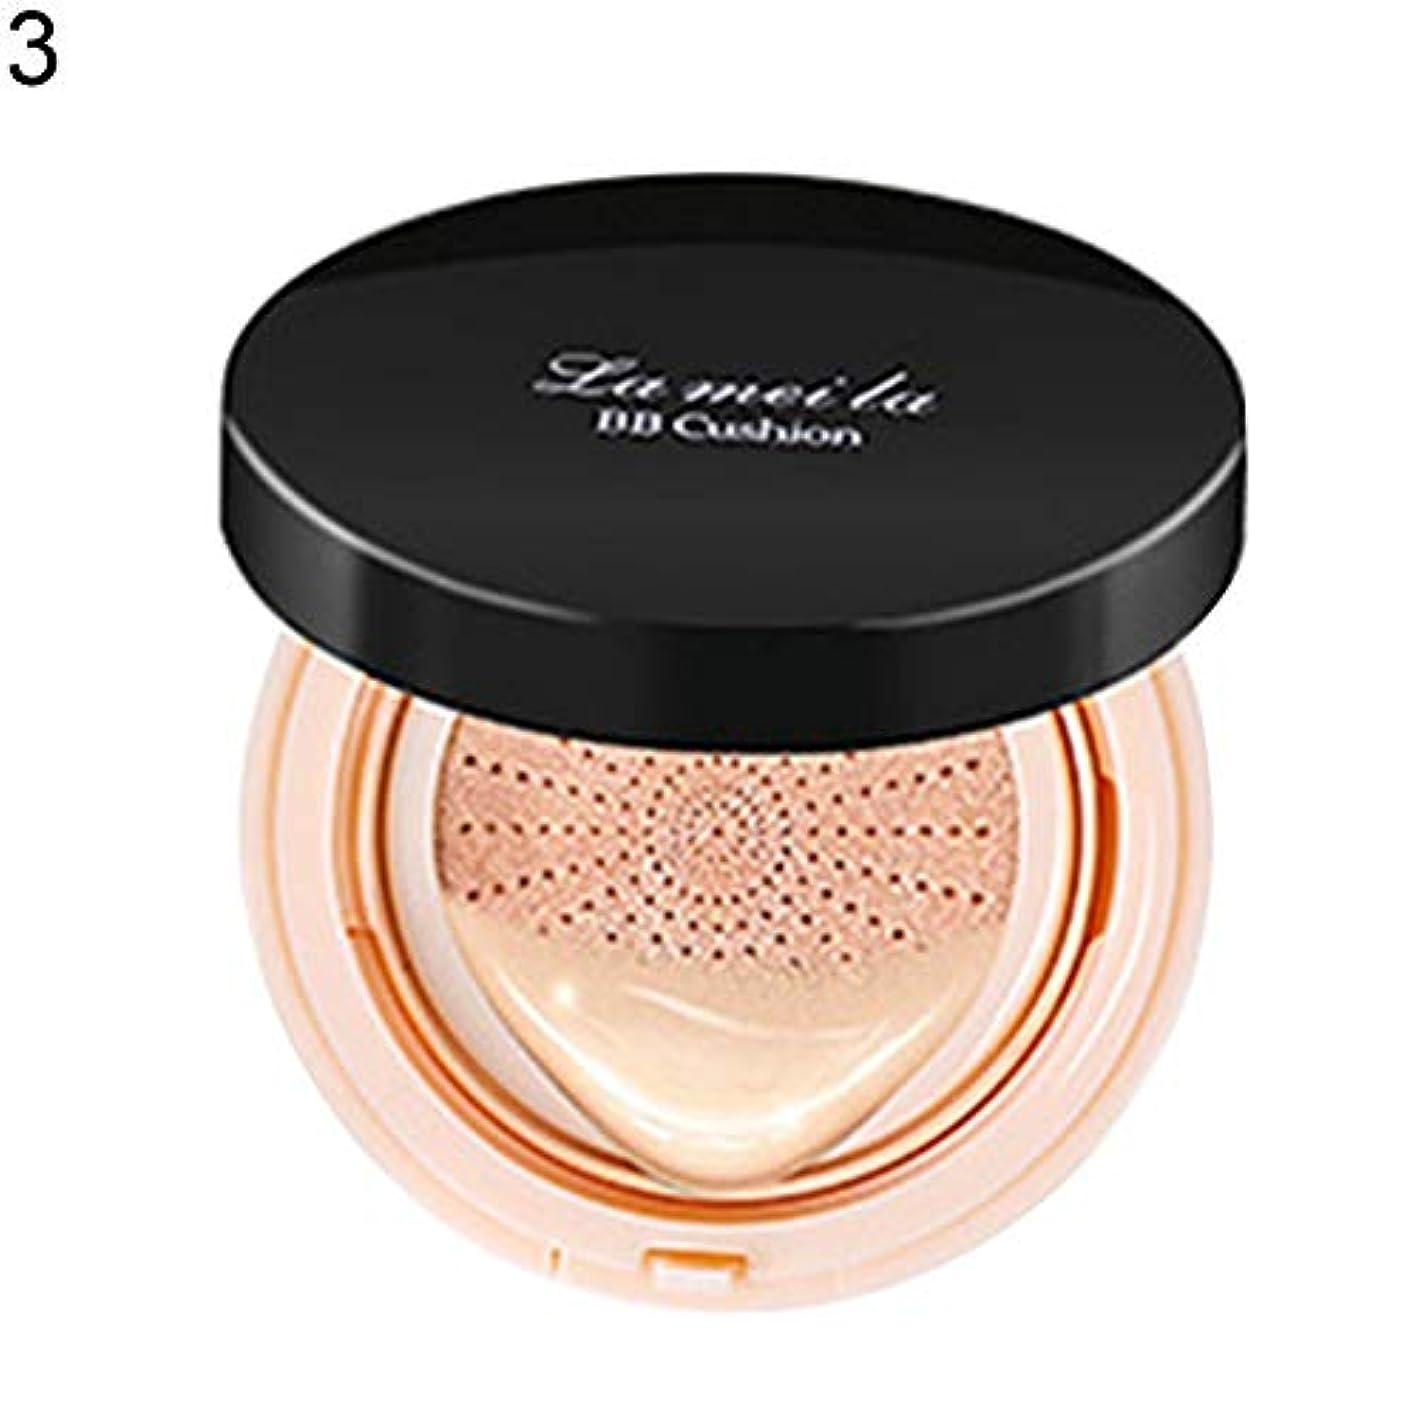 エアクッションBBクリームコンシーラー保湿ファンデーション化粧裸フェイス美容 - ナチュラルカラー